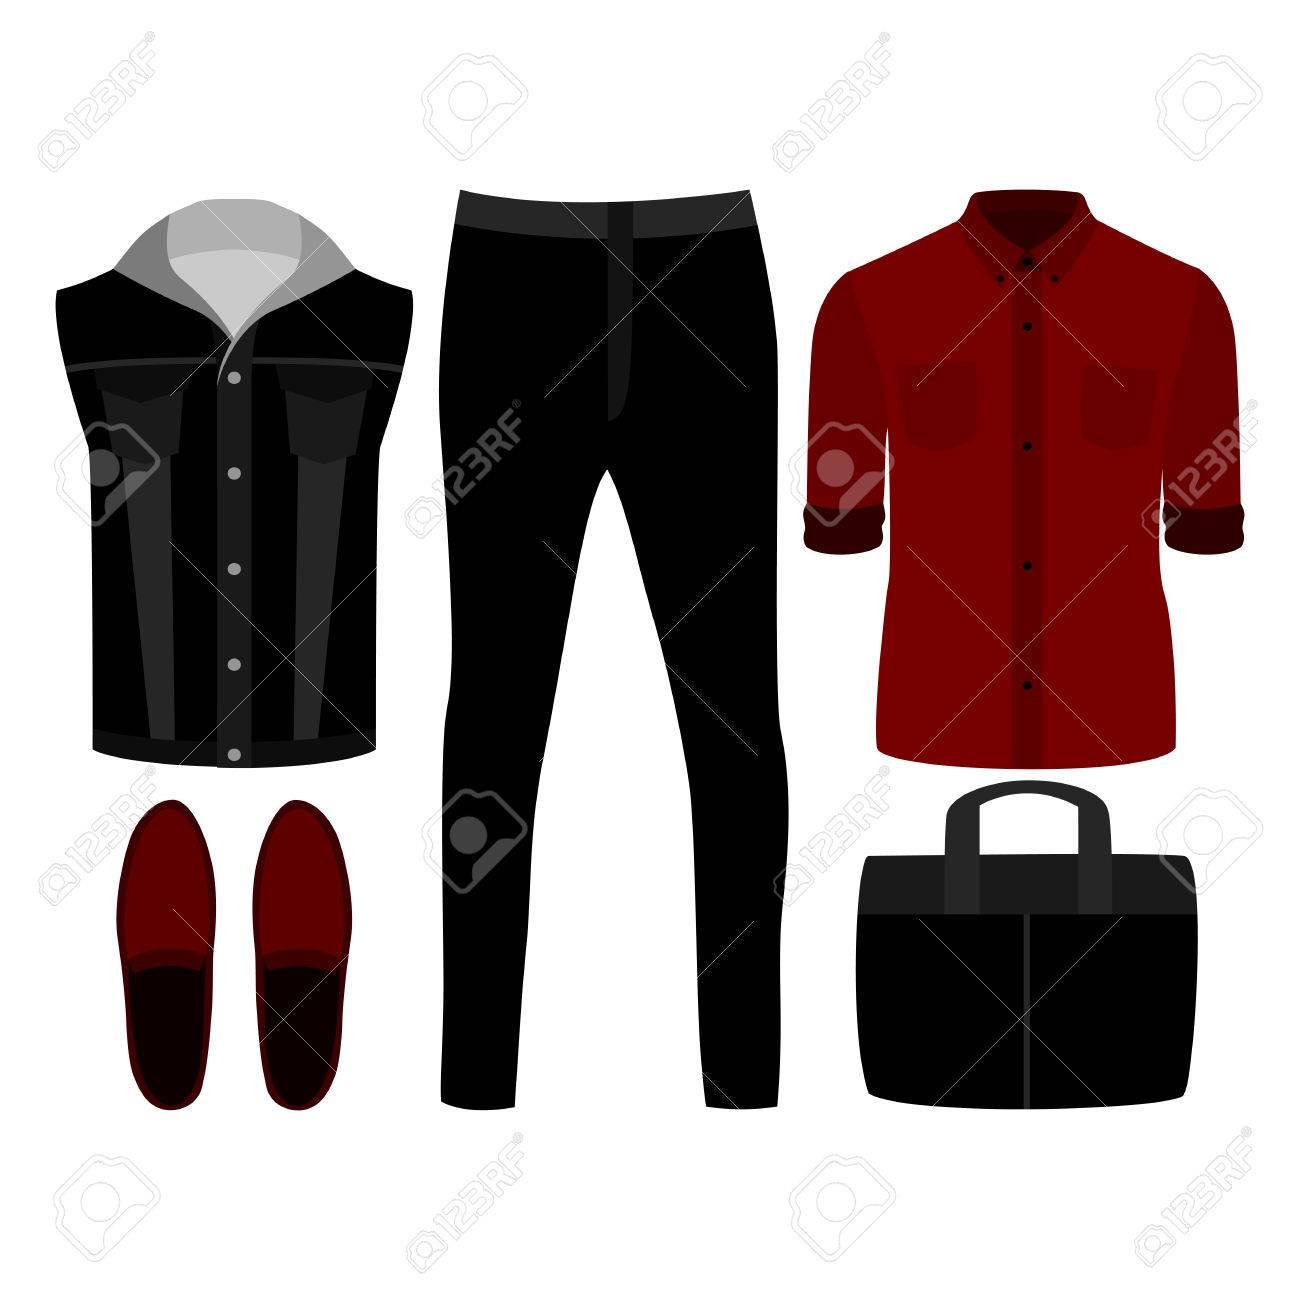 dd31982f1 Conjunto de ropa de hombre de moda. Traje del hombre del dril de algodón  del chaleco, pantalones vaqueros, camisa y accesorios. armario masculino.  ...